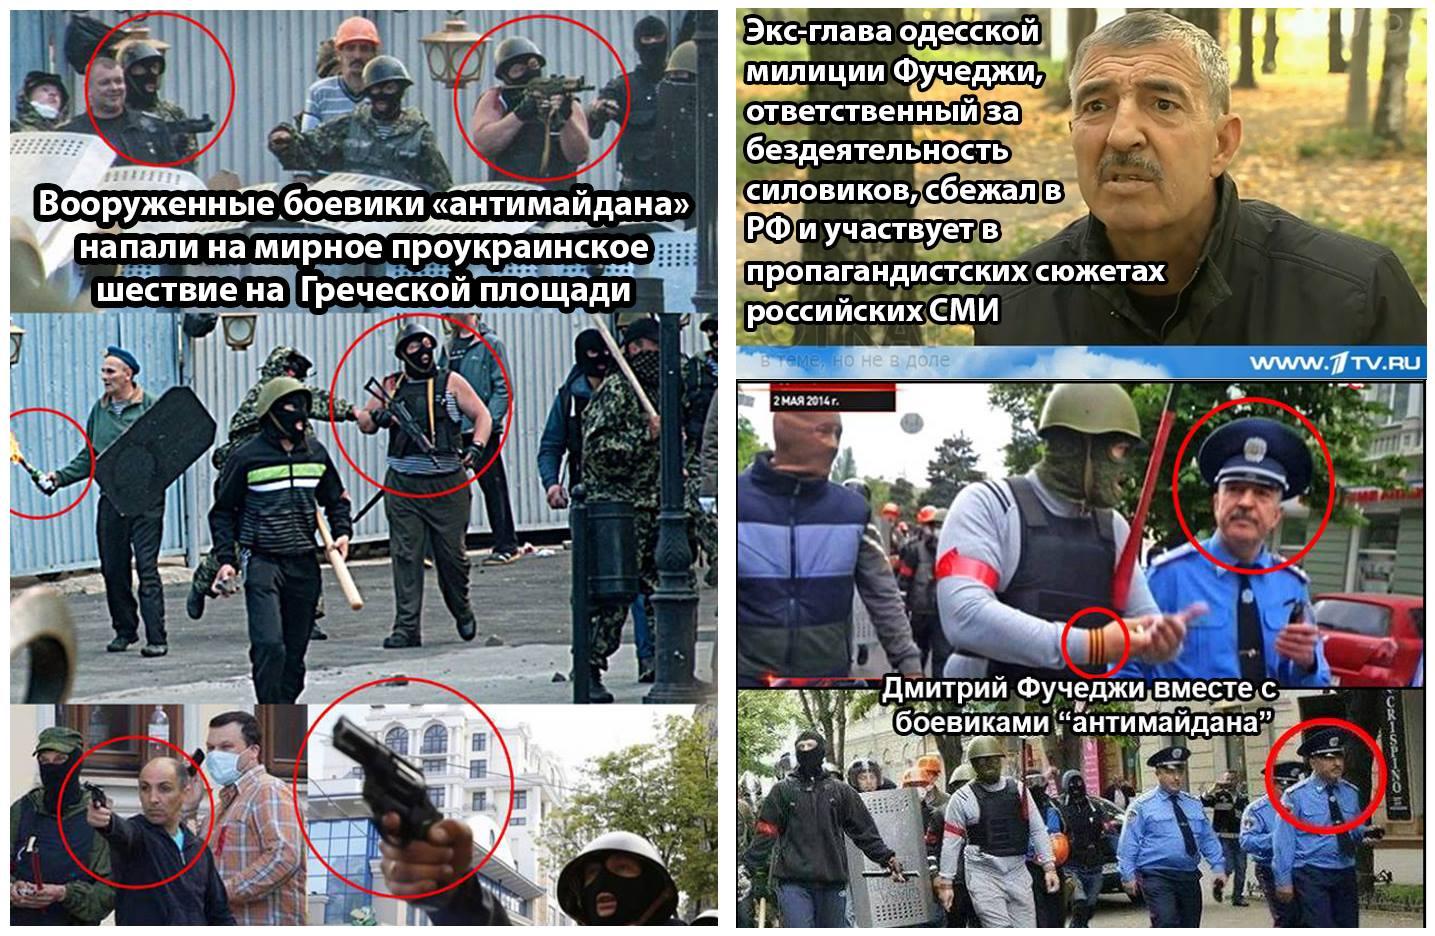 ГПУ продолжает выяснять стояли ли за бездействием одесских правоохранителей 2 мая 2014 г. иностранные спецслужбы, - Горбатюк - Цензор.НЕТ 8231